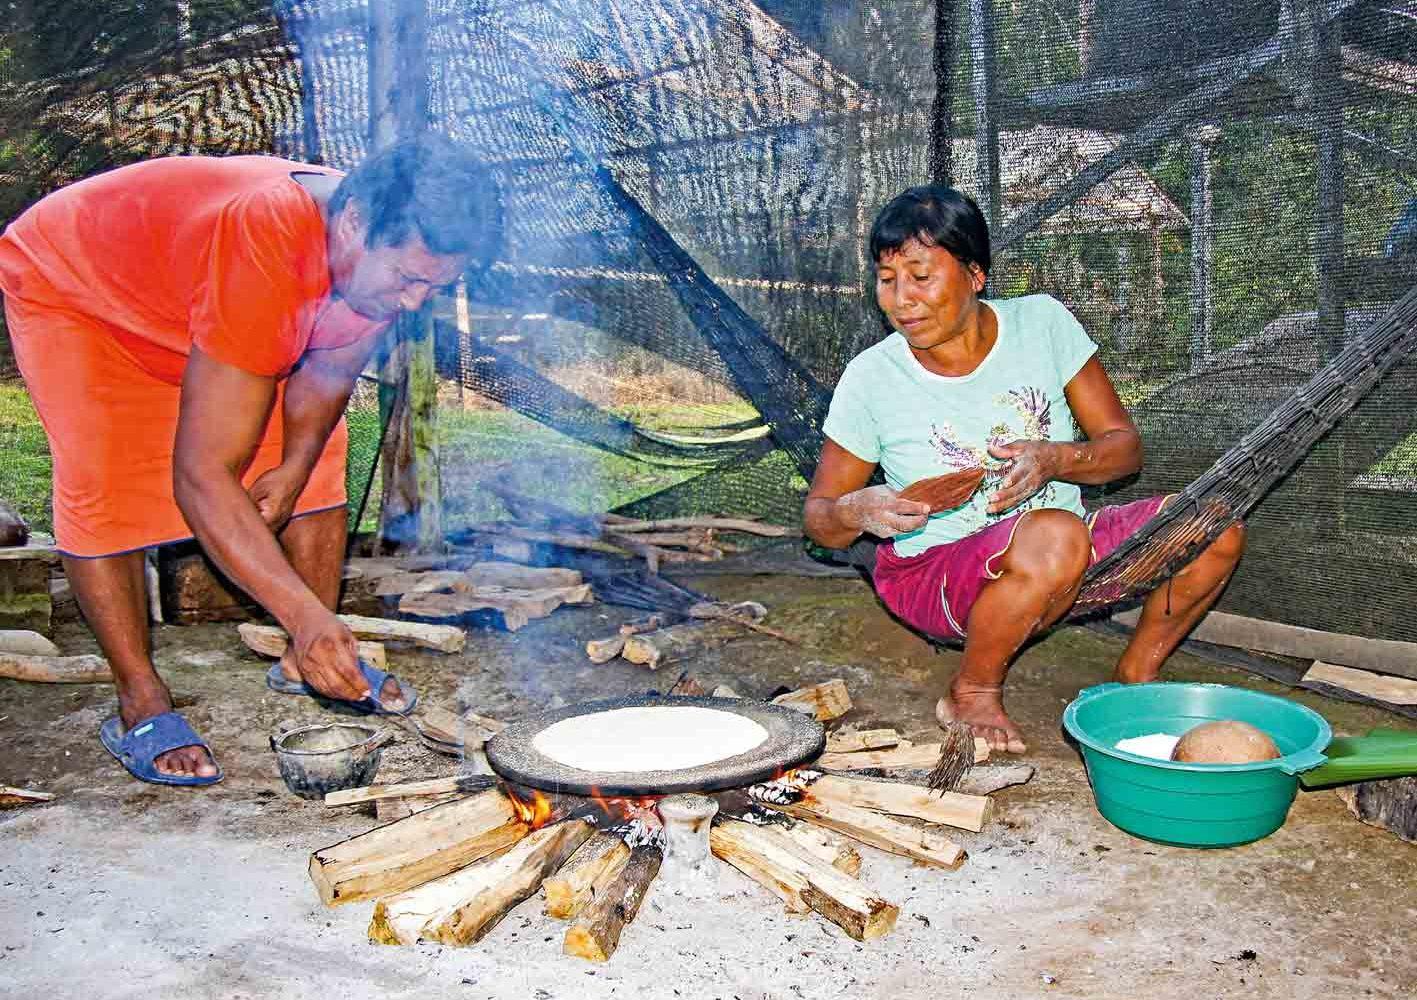 Einblick in das Leben der Indianer erhalten